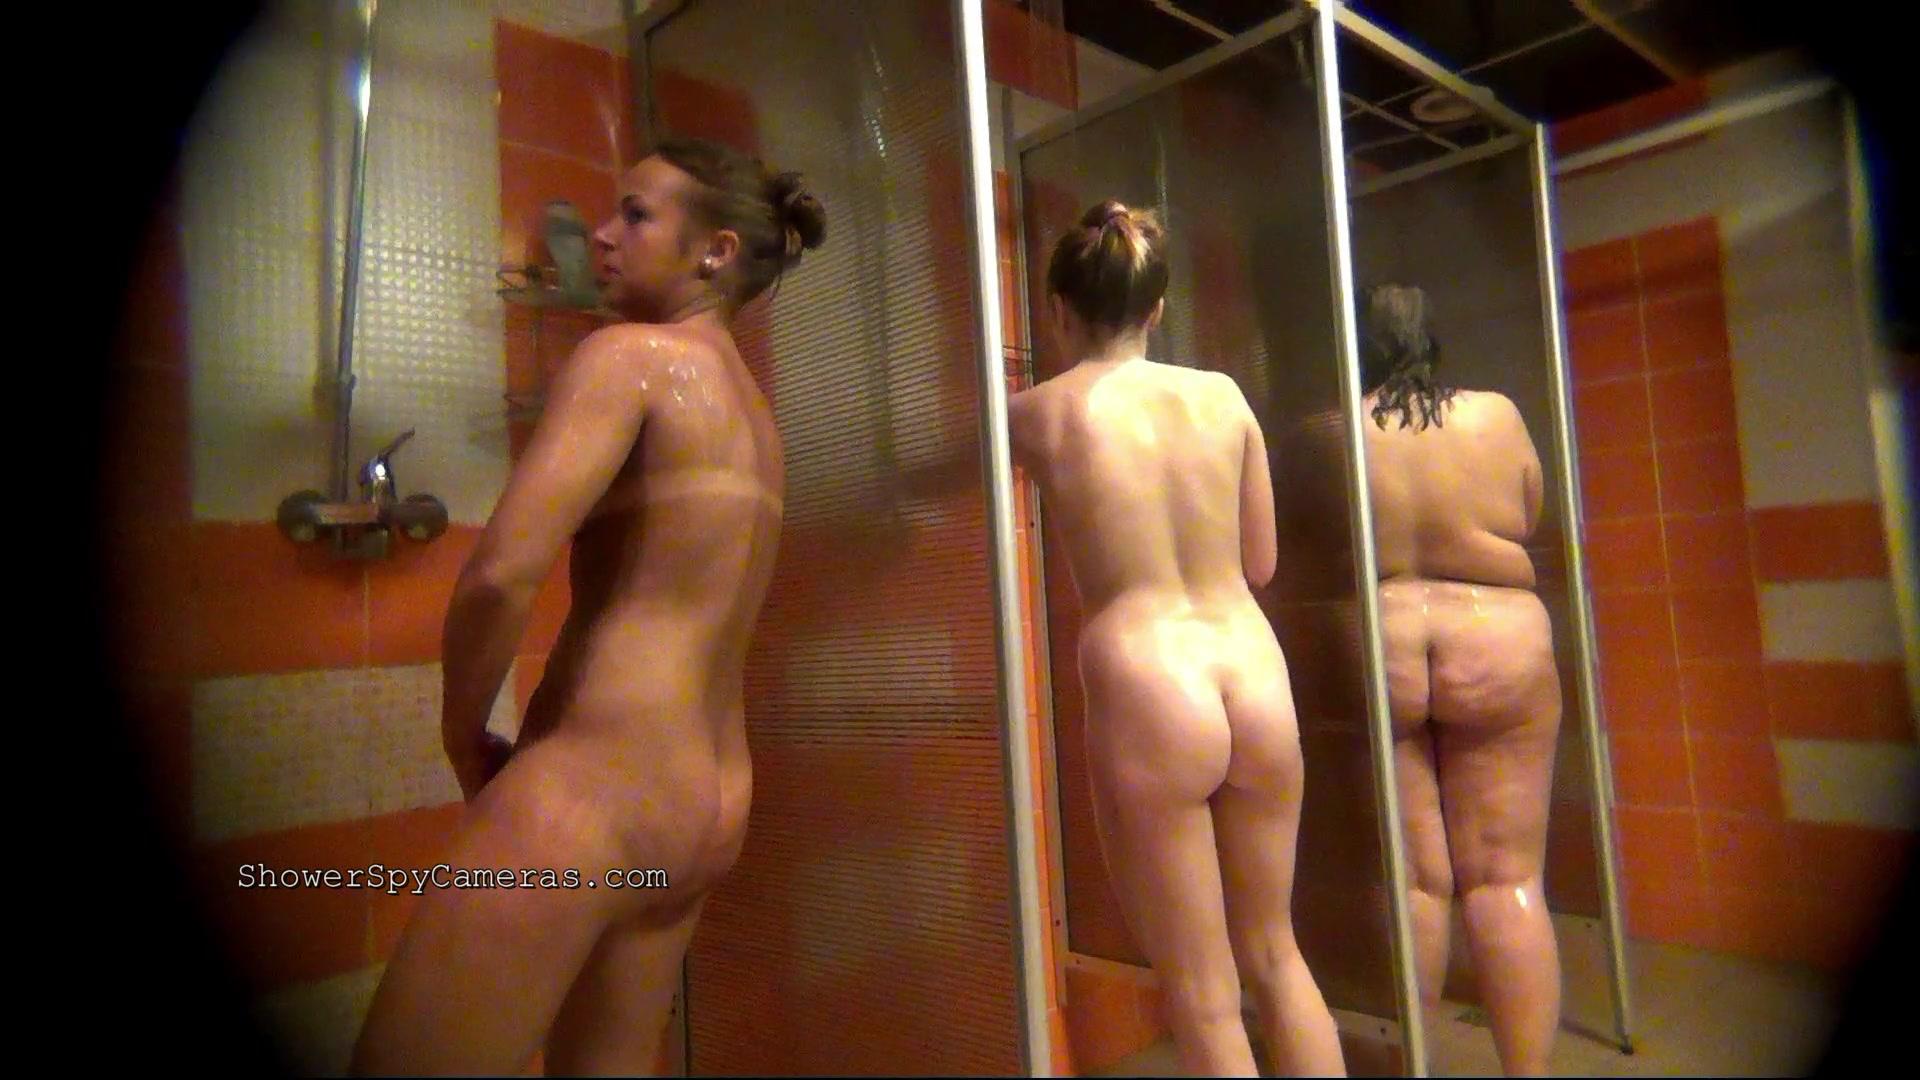 Скрытая съемка мастурбация, Мастурбация на скрытую камеру - подборка порно видео 24 фотография